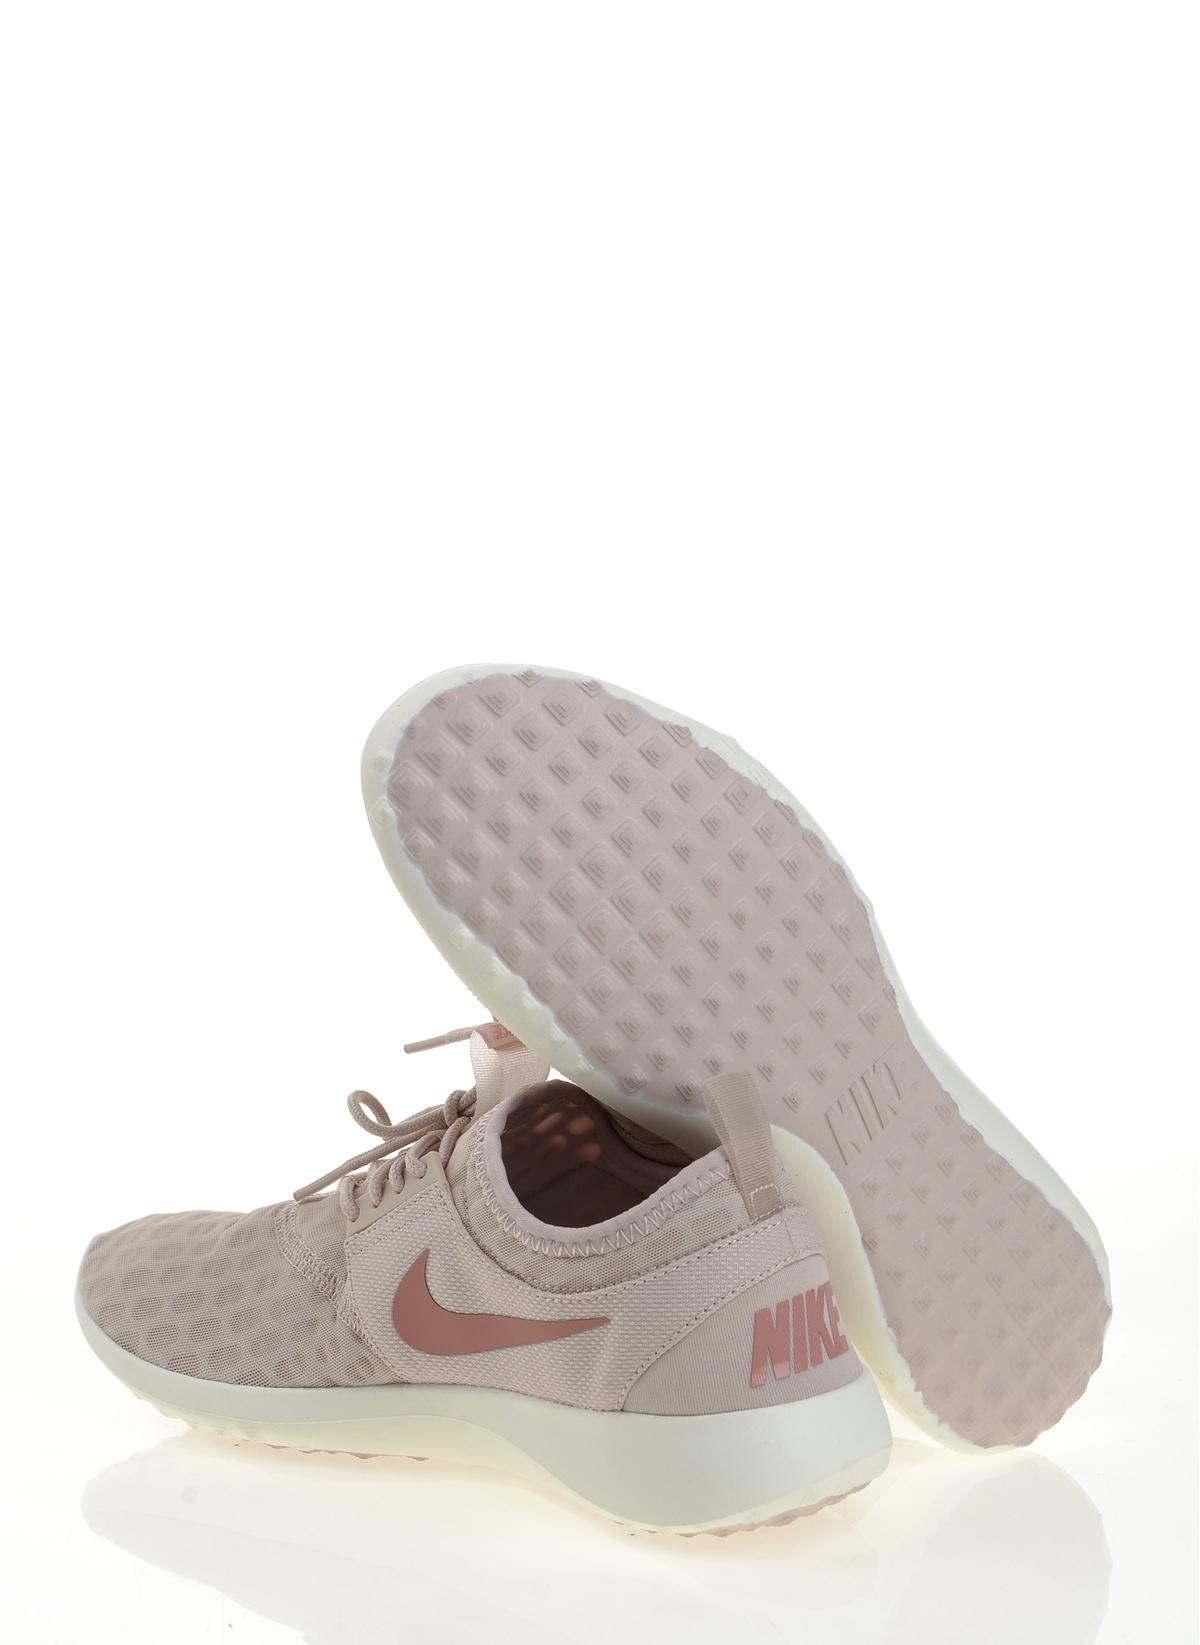 Anasayfa · Nike; Wmns Nike Juvenate. Son 0. Image Thumbnails · Image  Thumbnails · Image Thumbnails ...